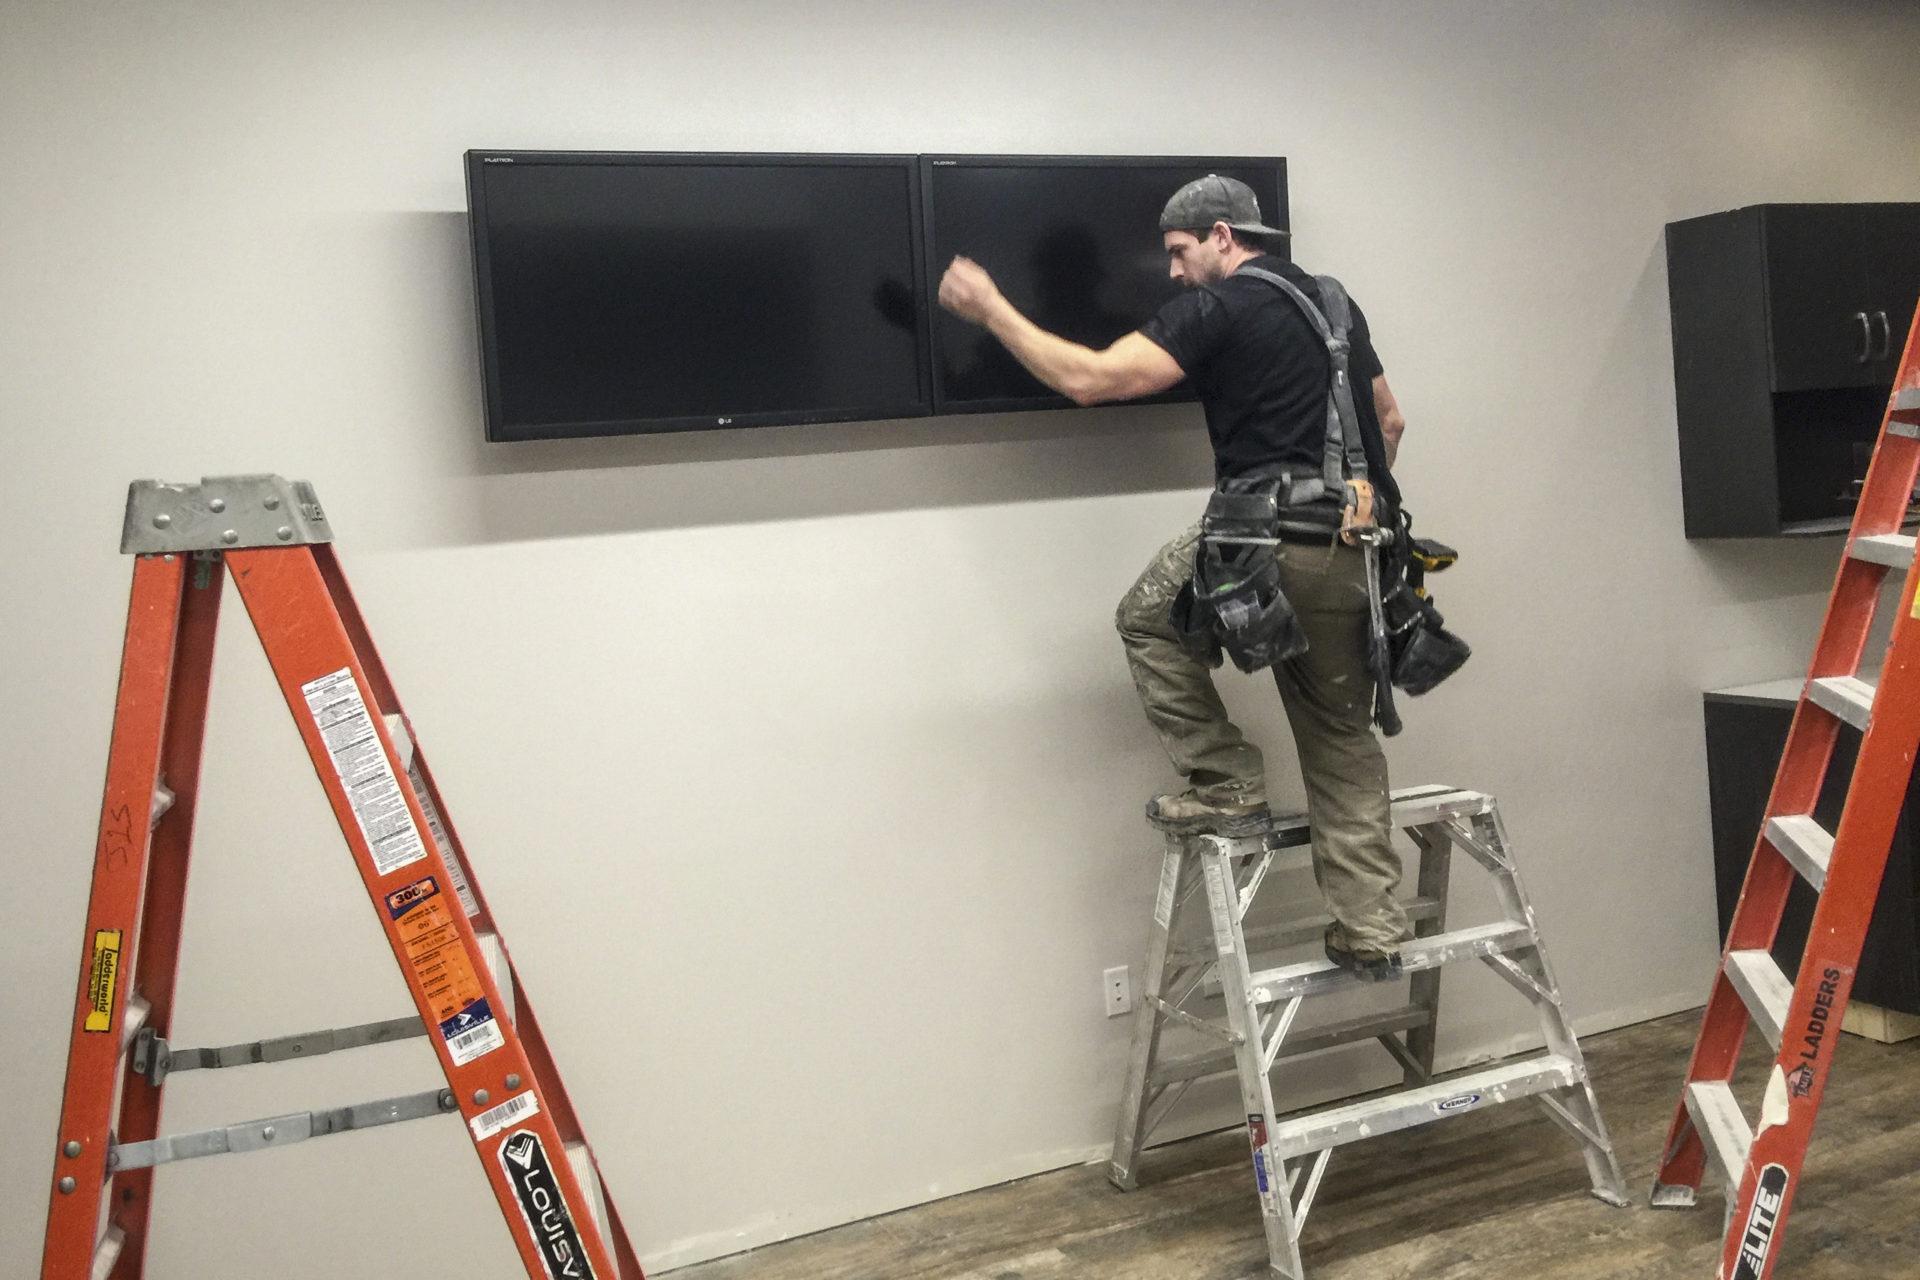 Shaw Park Renovation TV Installation